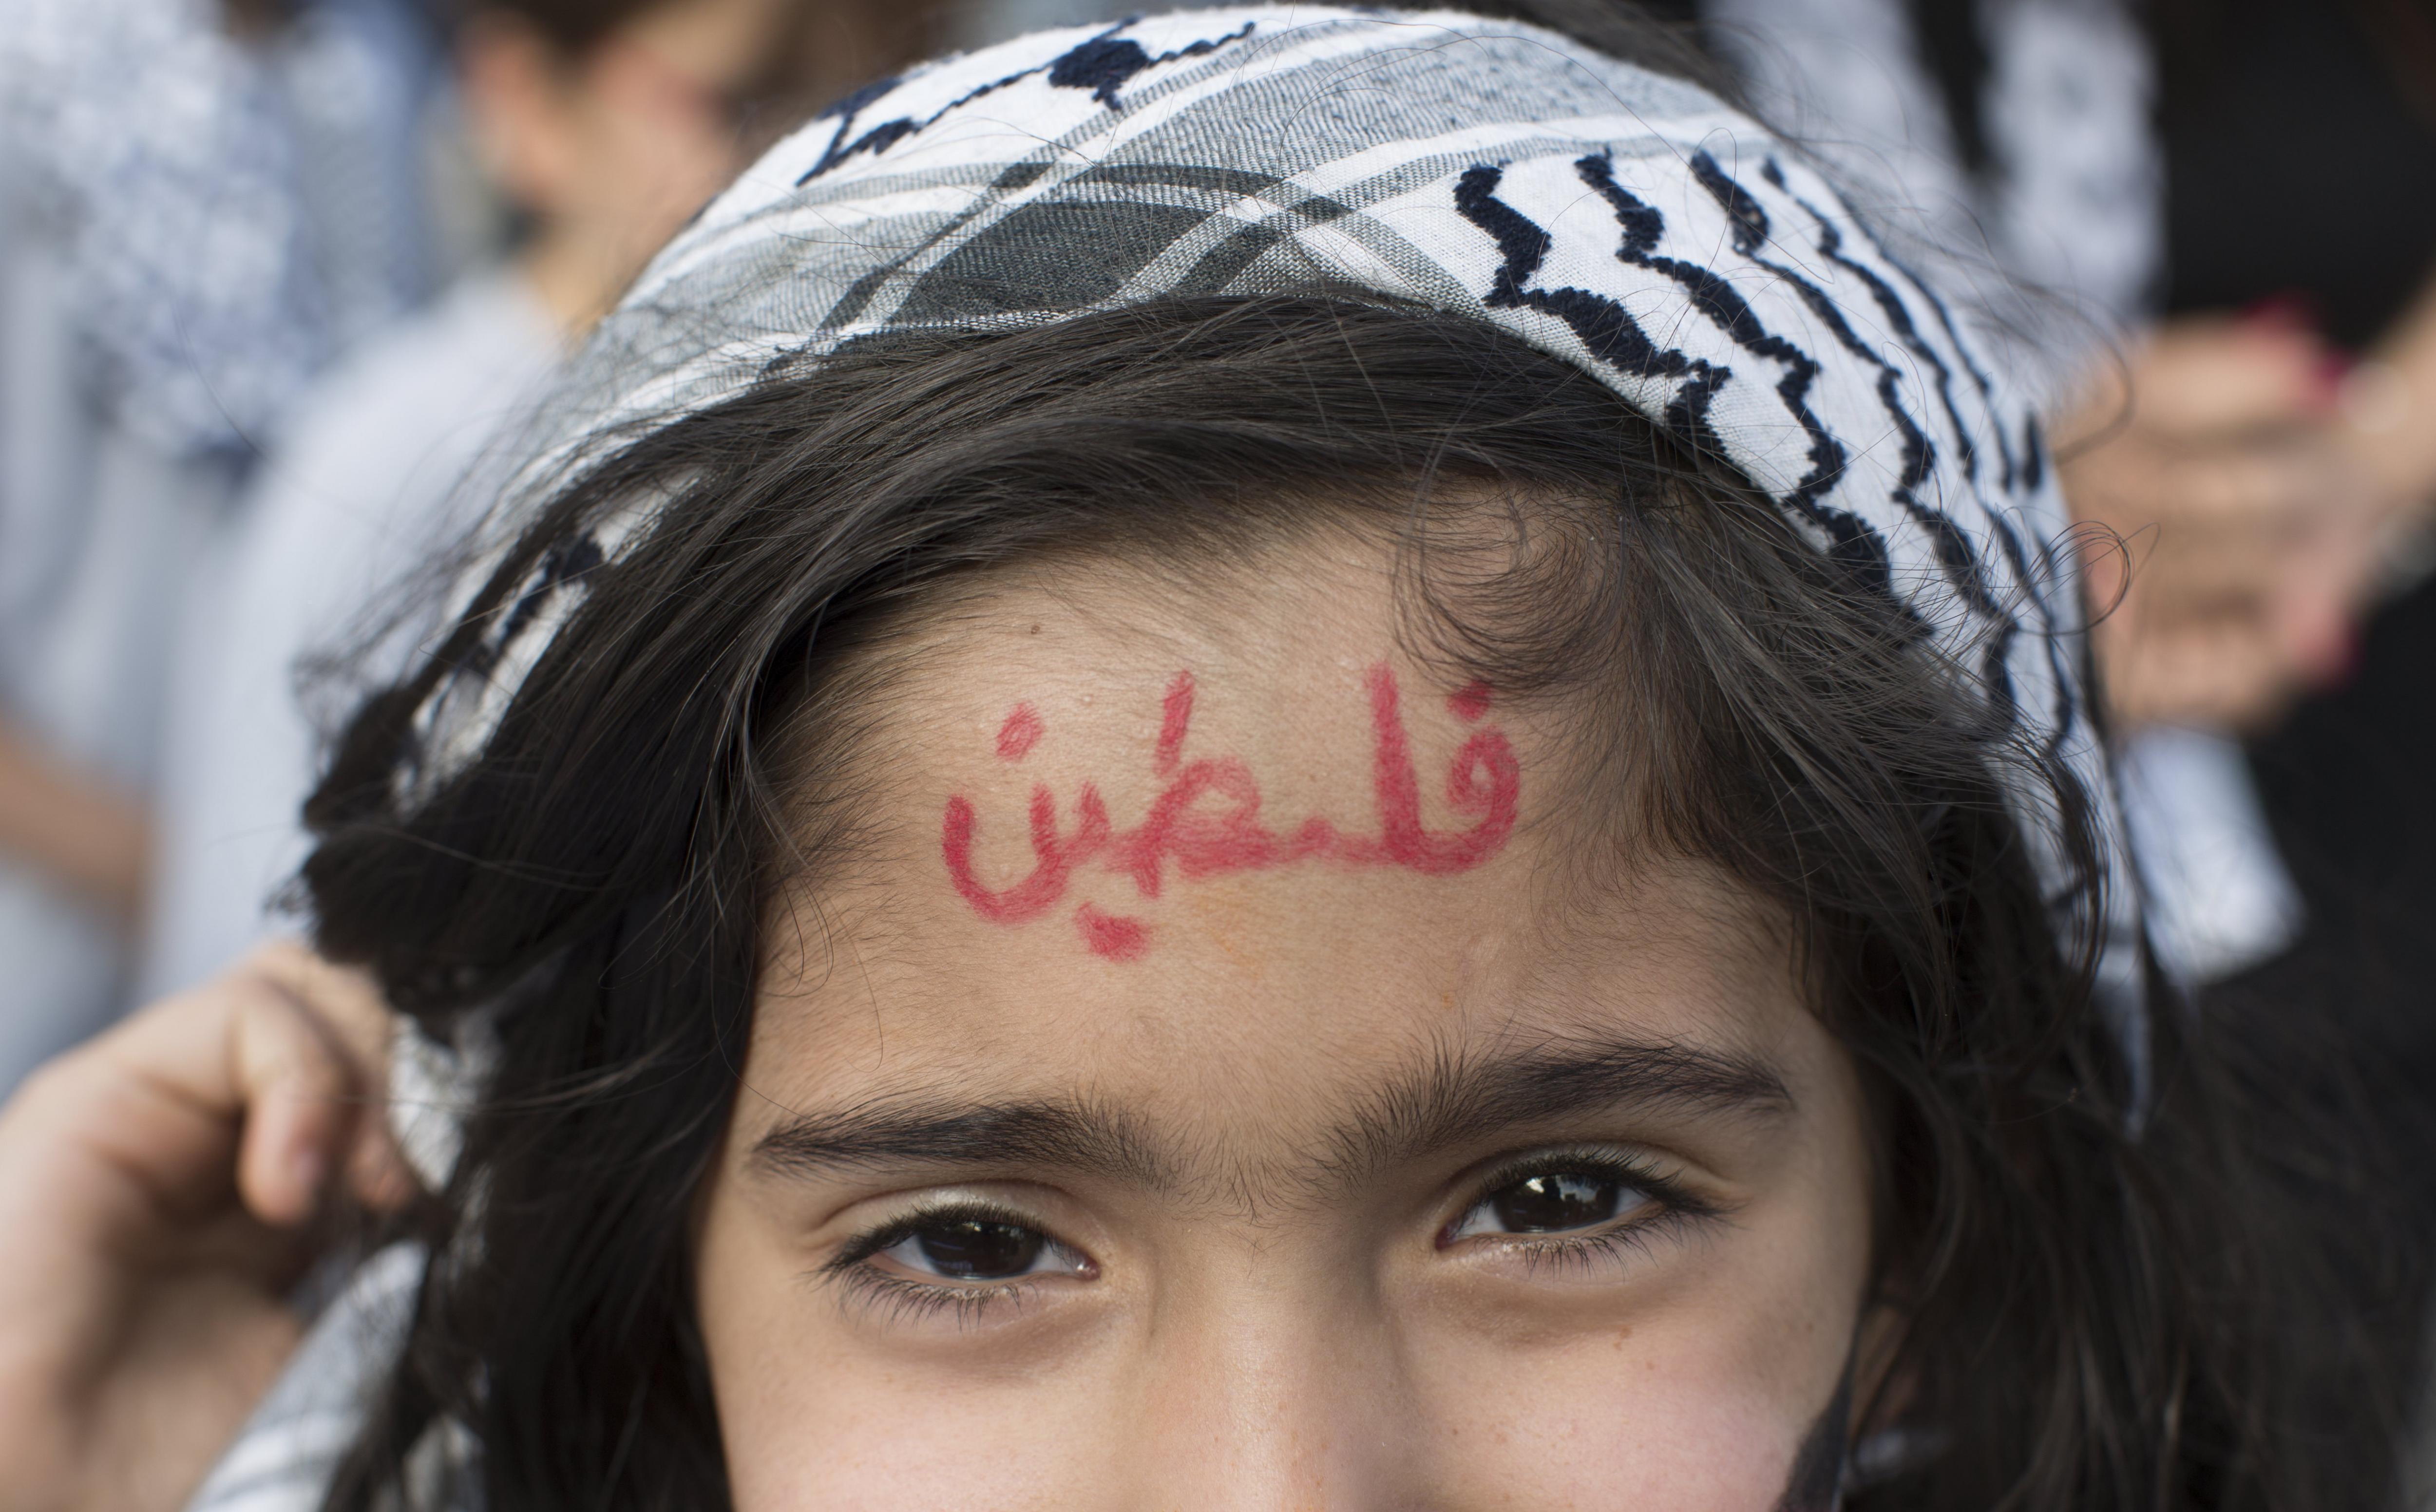 Una nina du escrita la paraula 'Palestina' en el front durant una manifestació en solidaritat dels presos palestins a les presons israelianes, a Ramallah, Palestina. /ATEF SAFADI